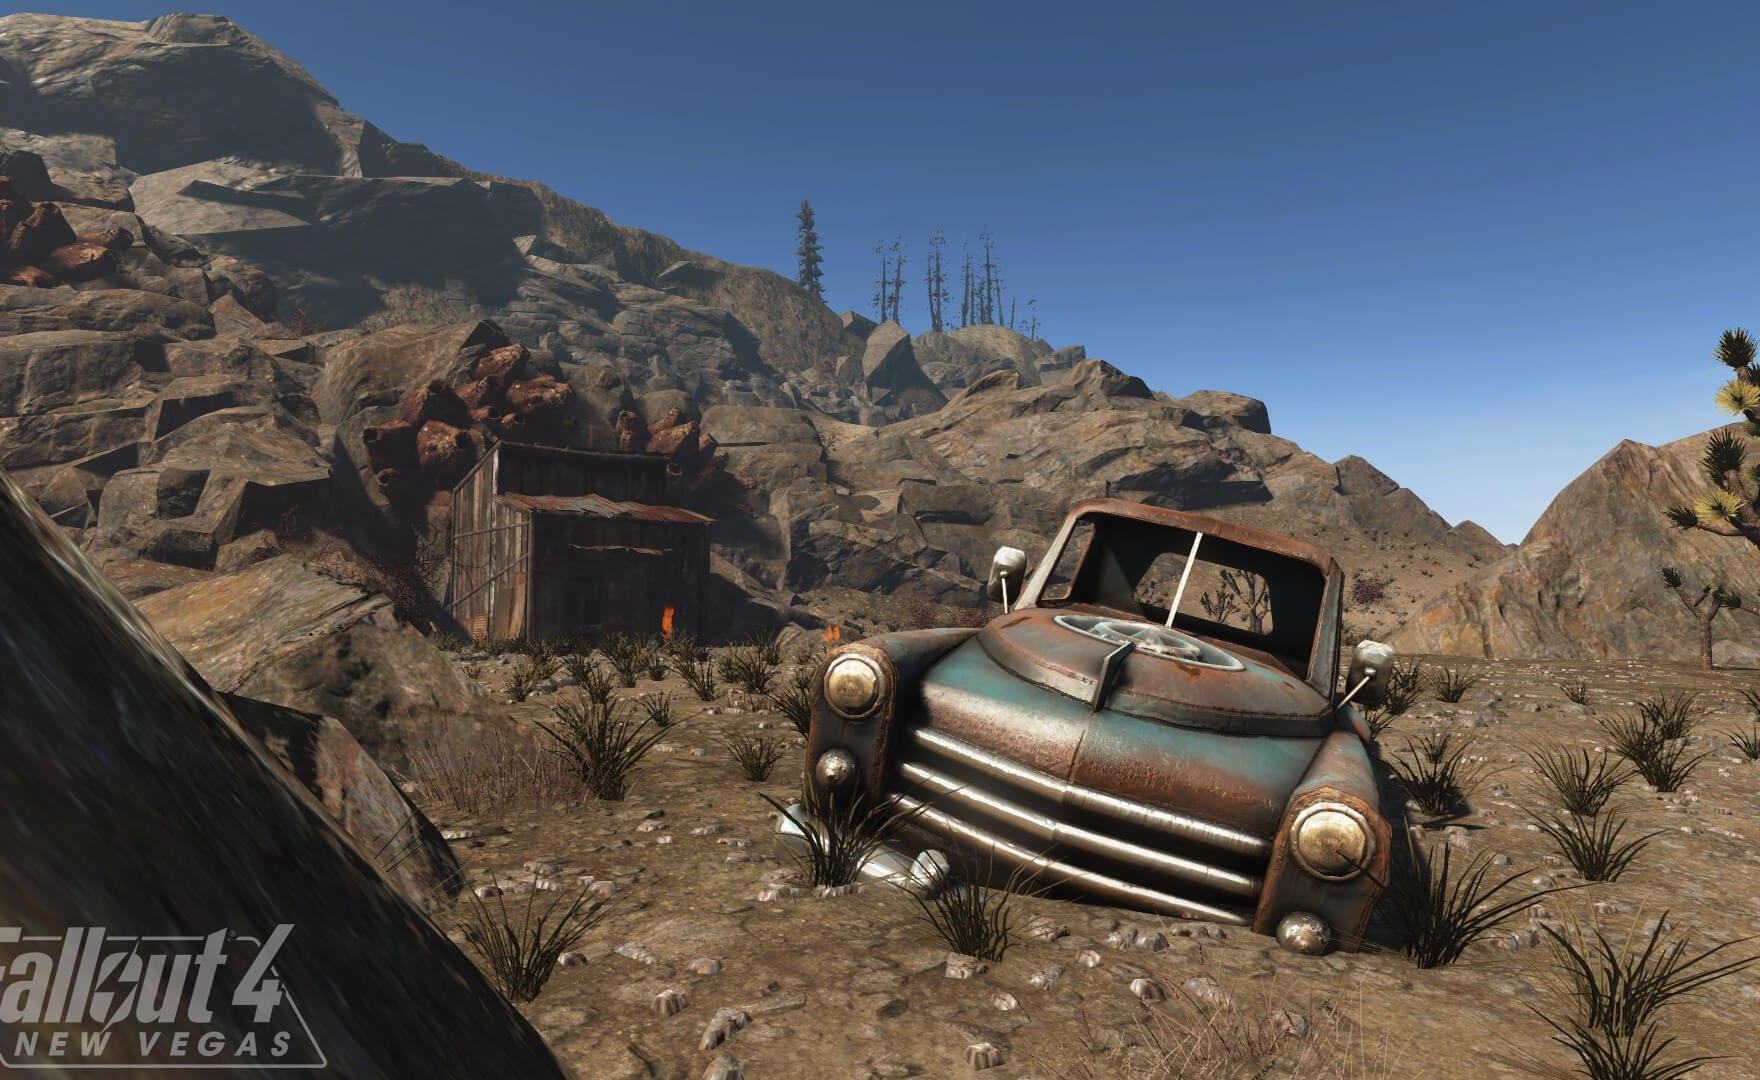 Fallout 4: nuove immagini della mod che ricrea New Vegas